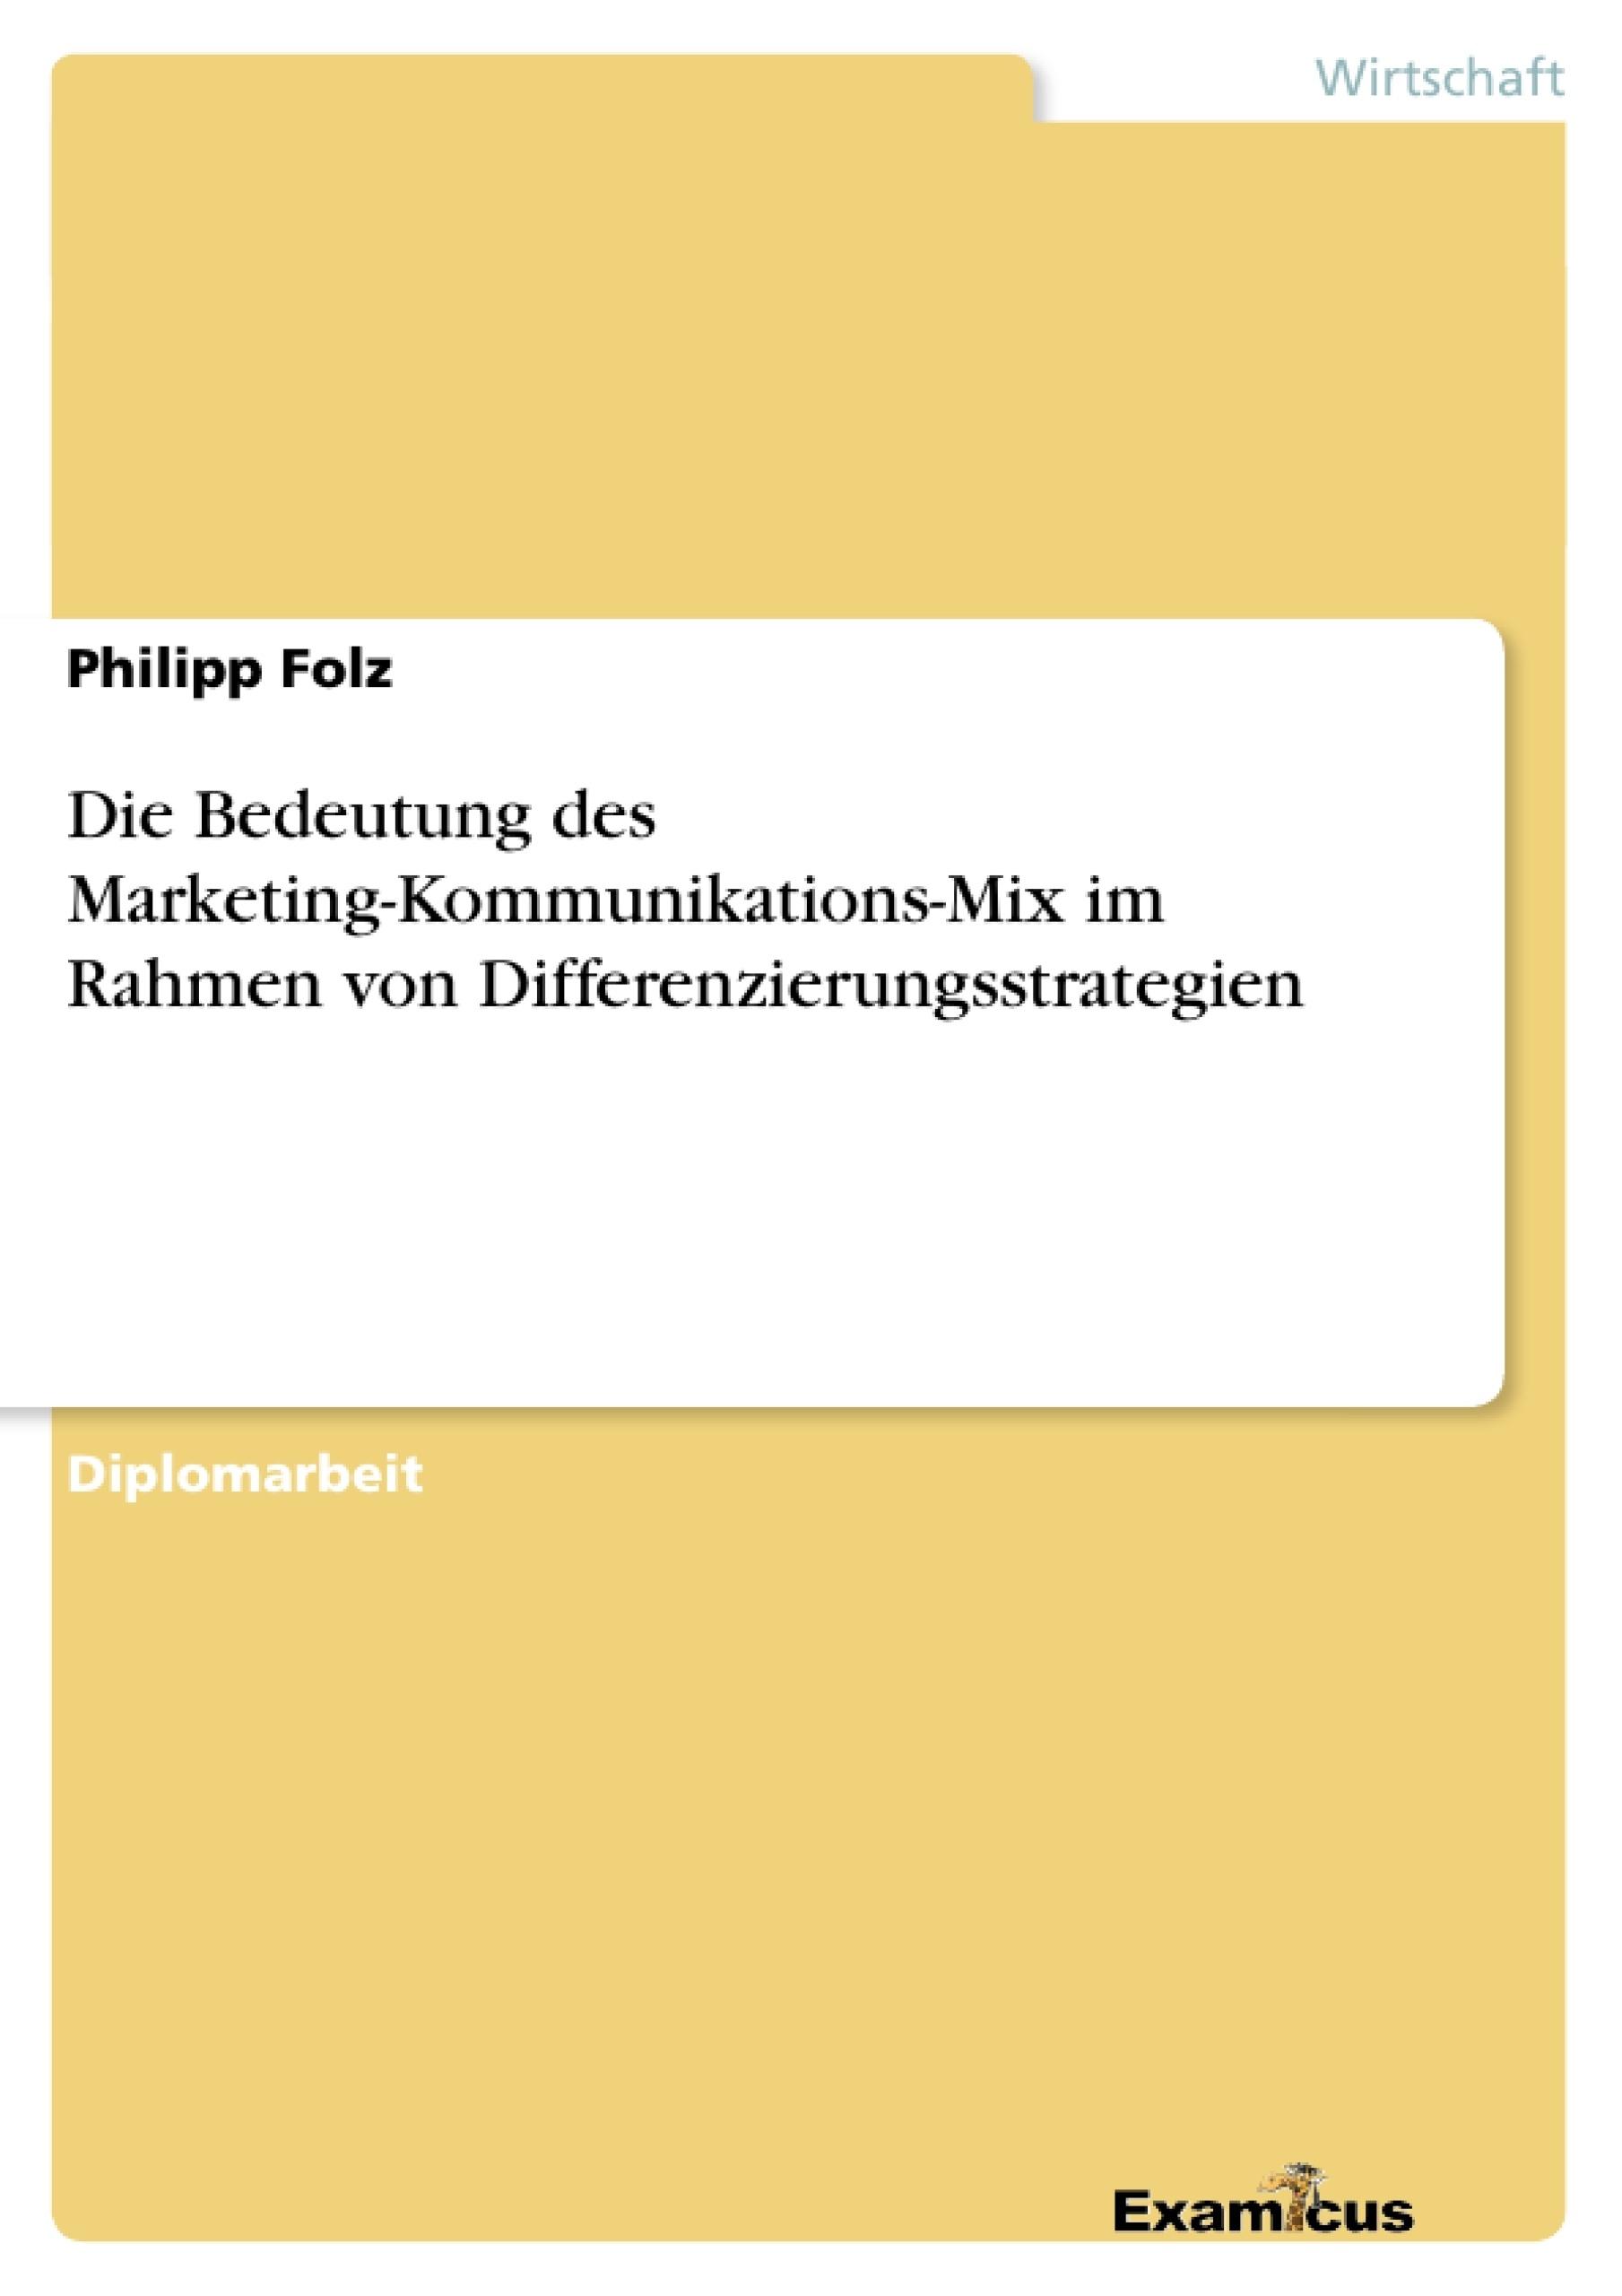 Titel: Die Bedeutung des Marketing-Kommunikations-Mix im Rahmen von Differenzierungsstrategien